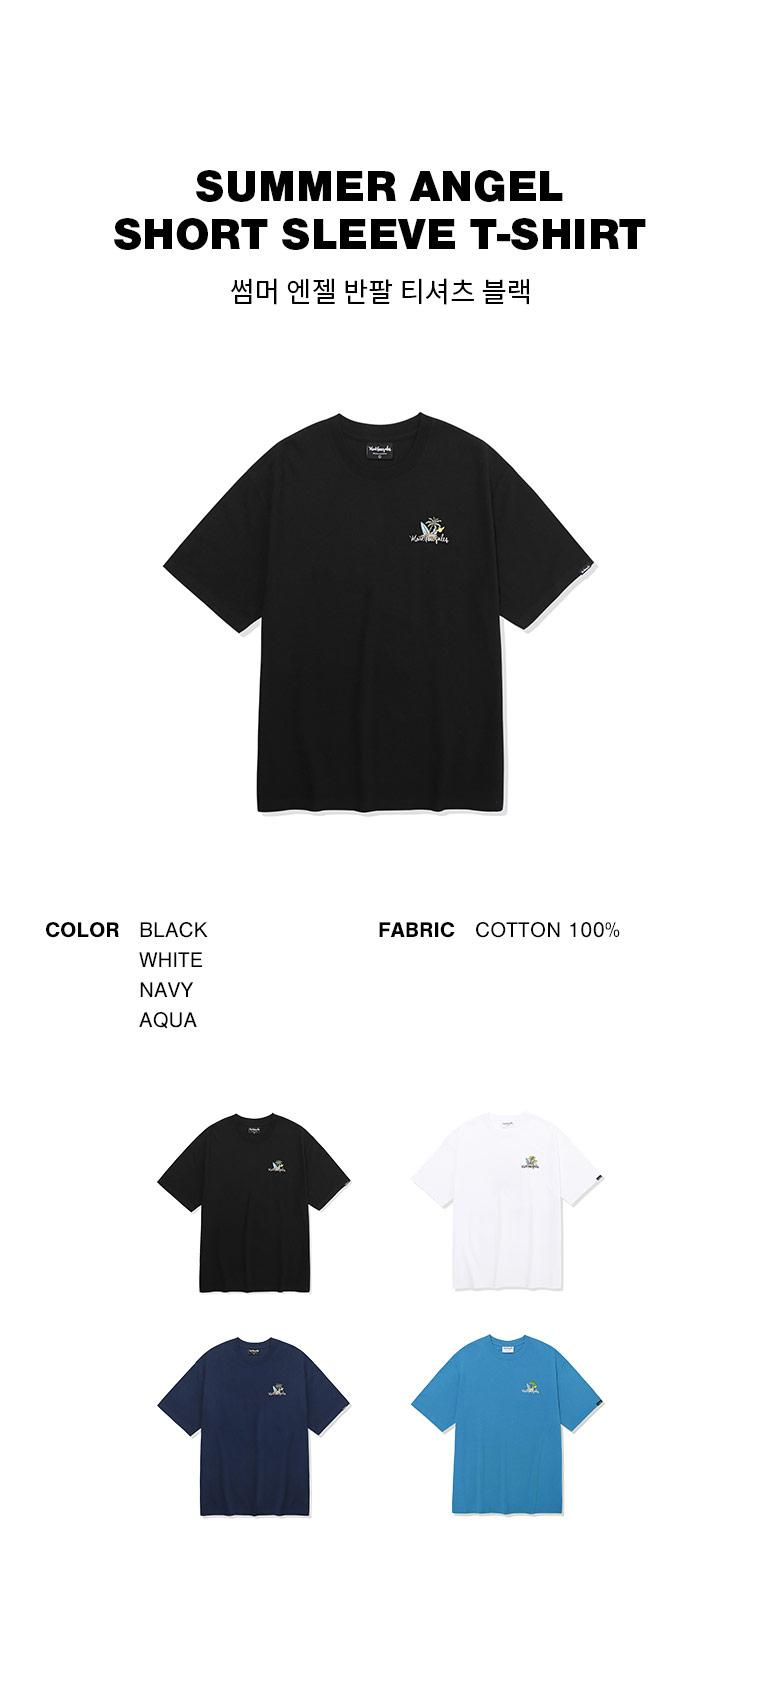 마크 곤잘레스(MARK GONZALES) 썸머 엔젤 반팔 티셔츠 블랙